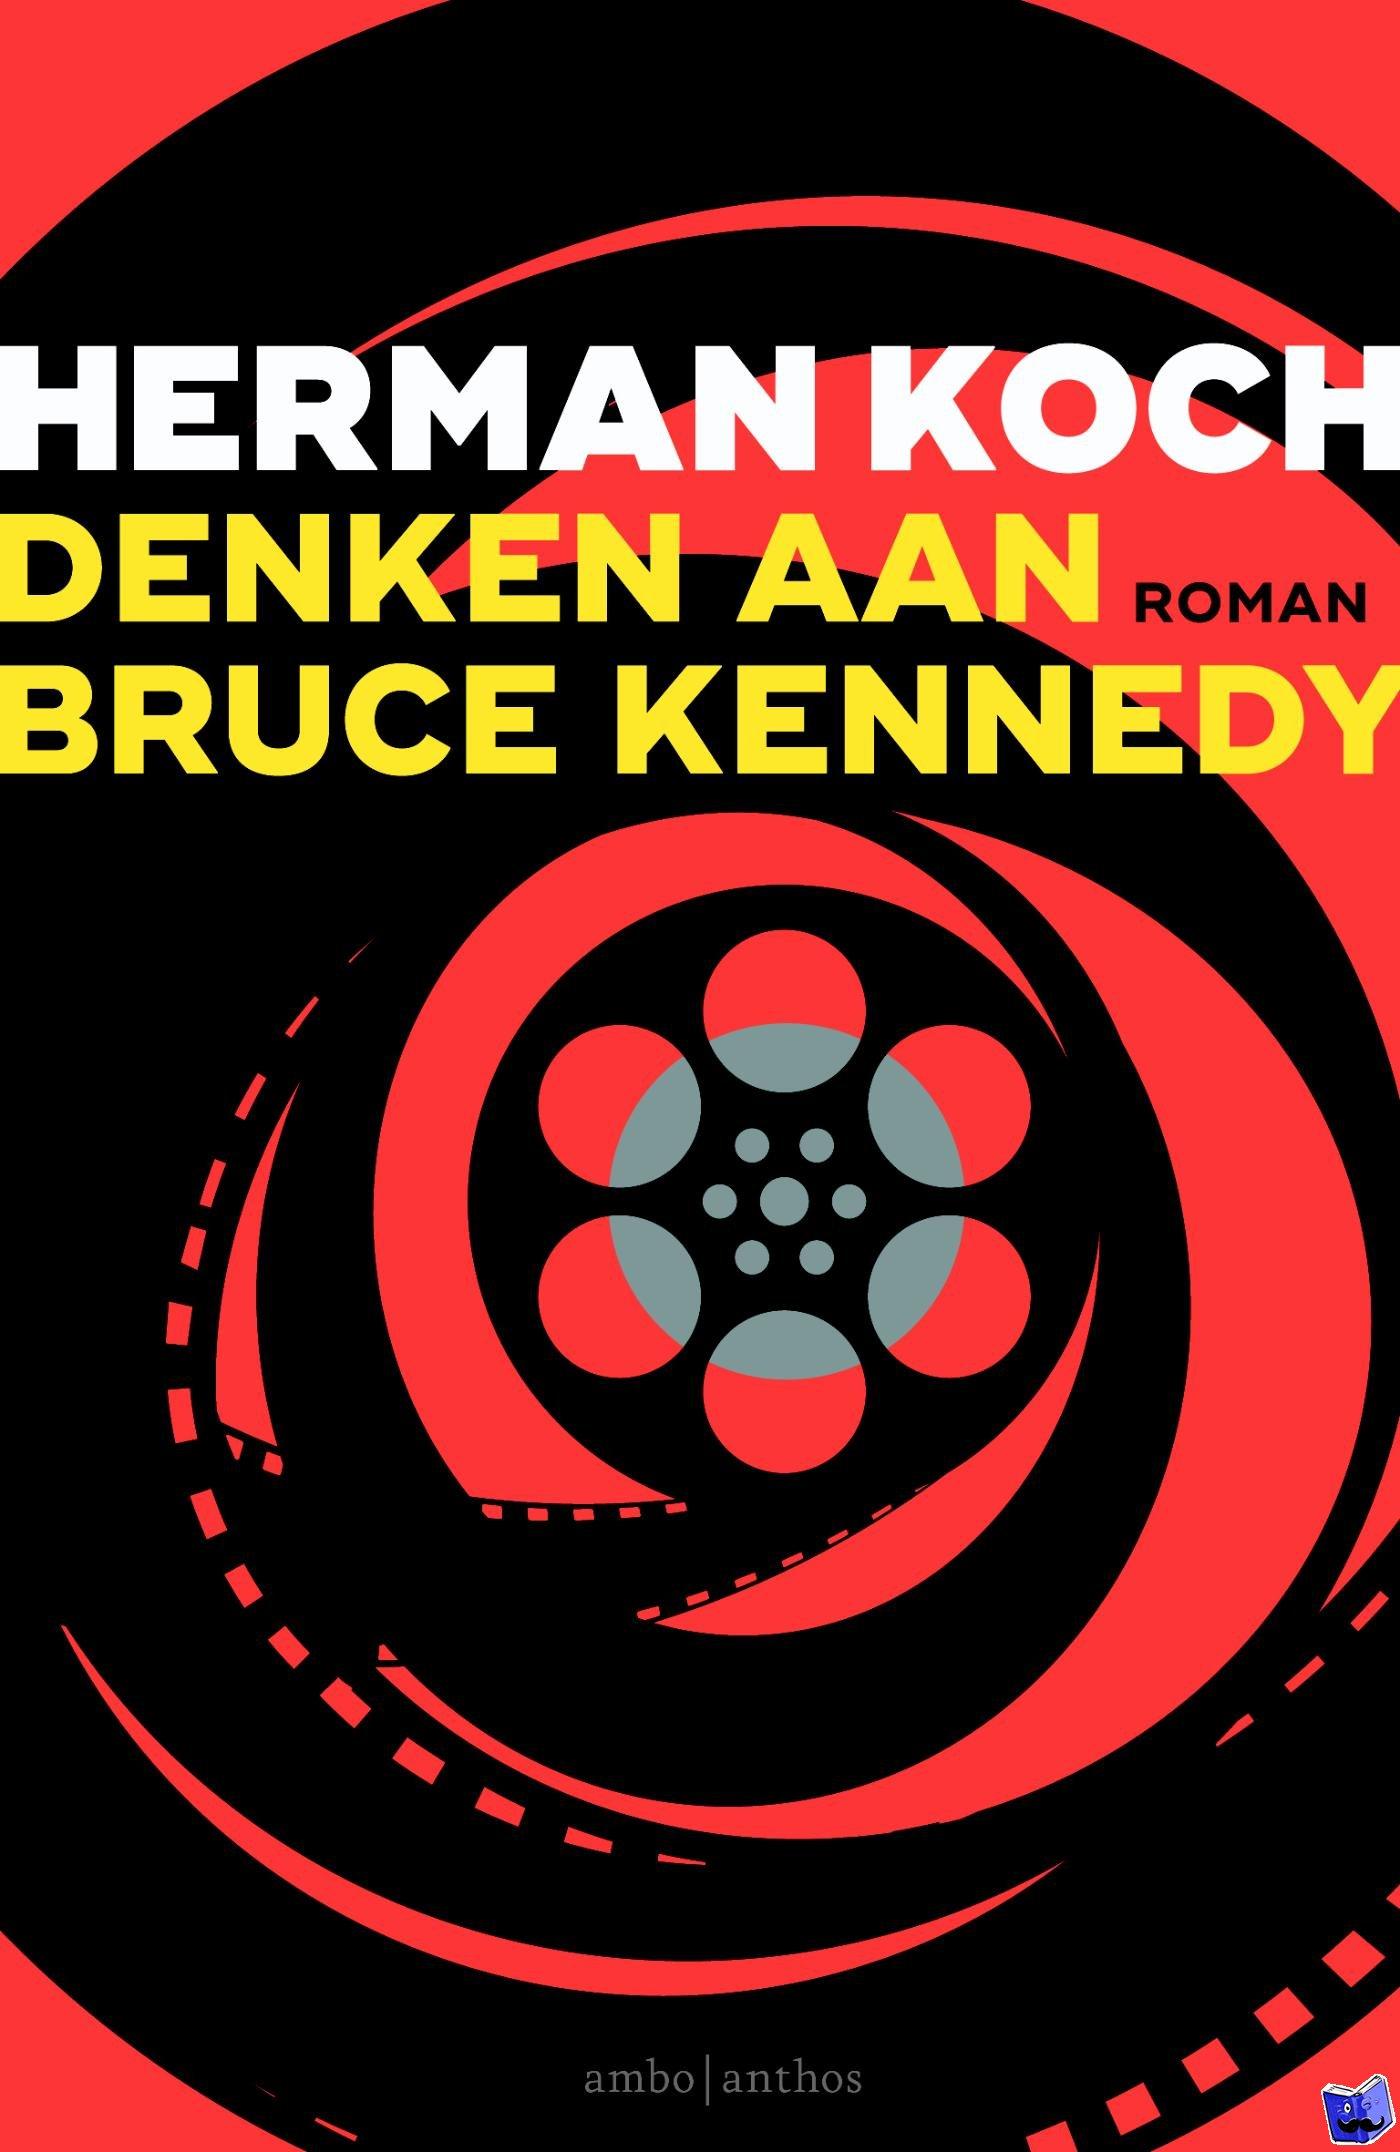 Koch, Herman - Denken aan Bruce Kennedy